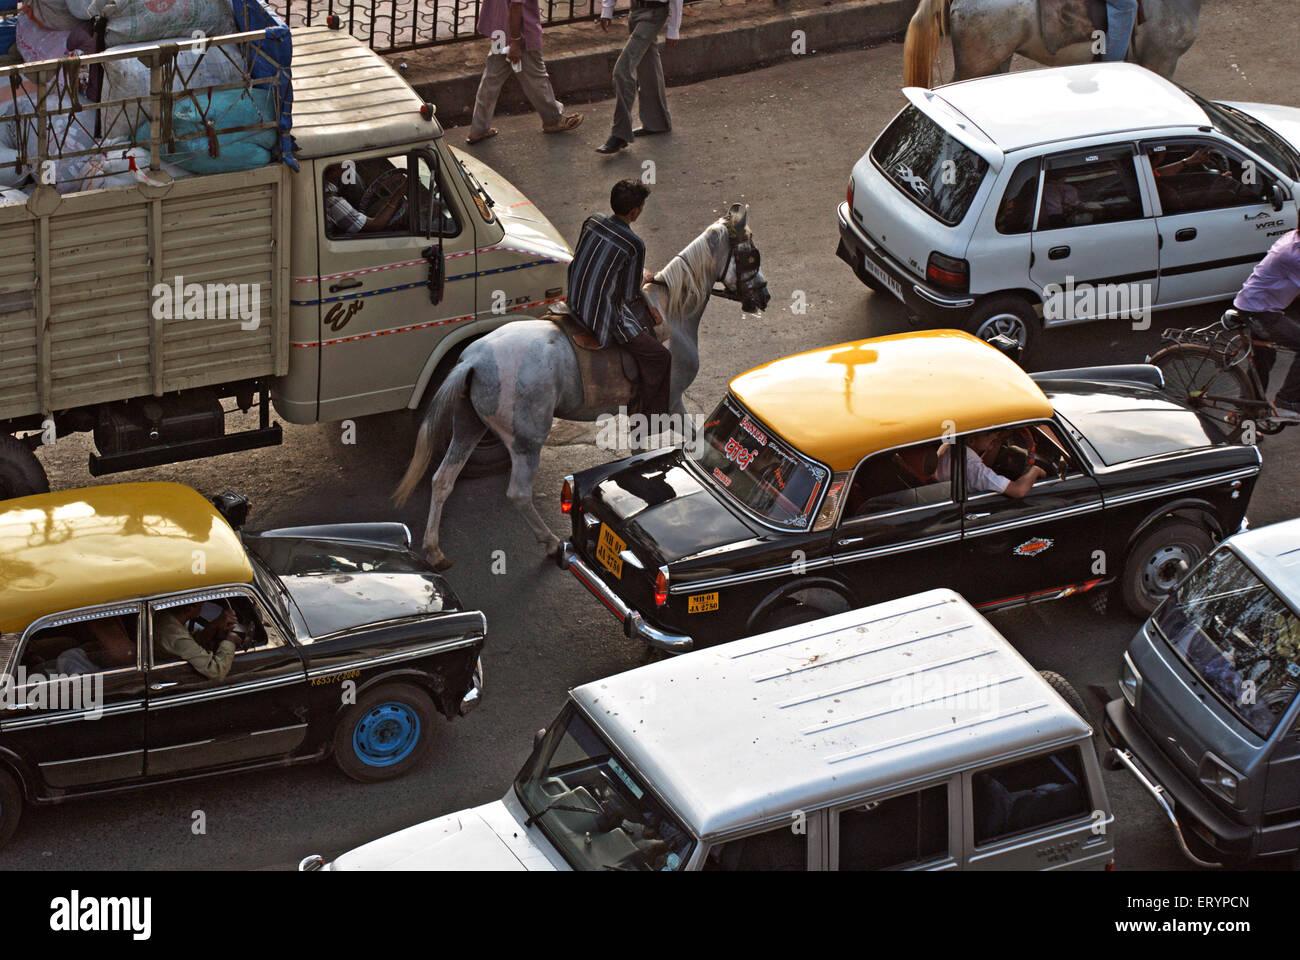 Jinete en embotellamiento de Bombay, Maharashtra, India Mumbai ; ; el 5 de mayo de 2009 Imagen De Stock